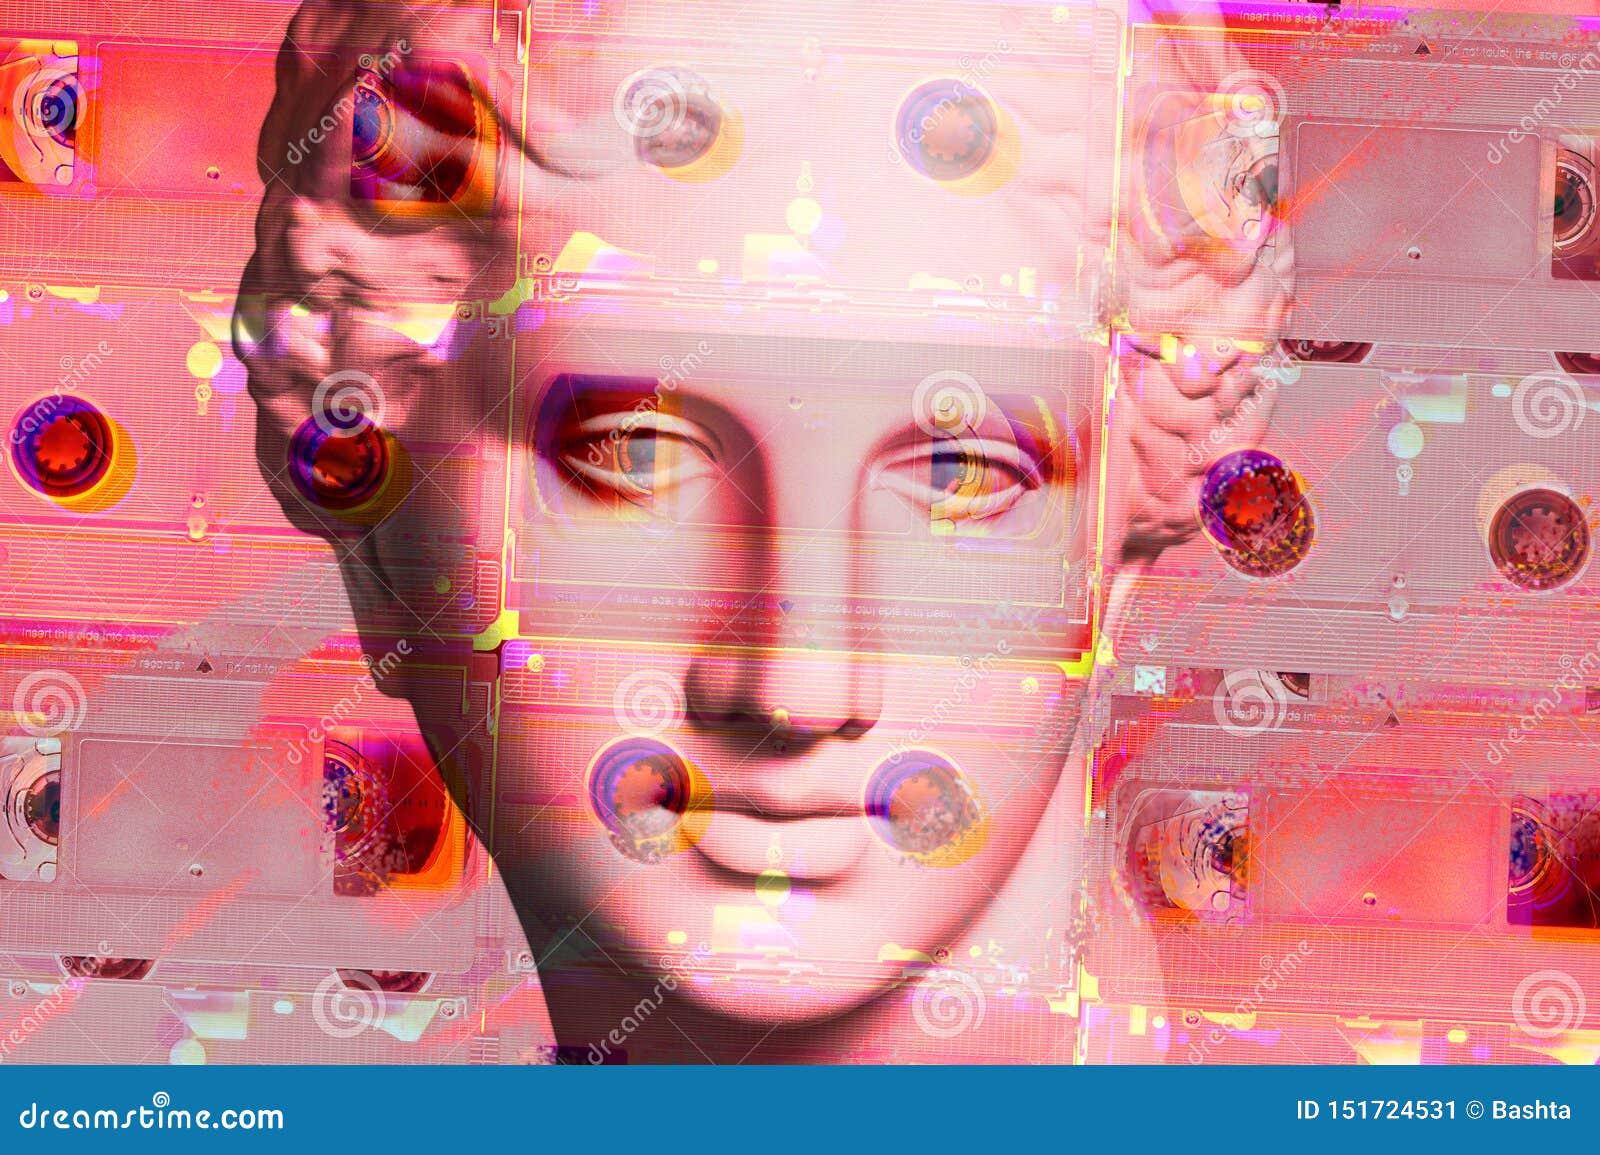 Cartel conceptual moderno del arte con la estatua antigua de la cara y el cassete del vhs Collage del arte contemporáneo